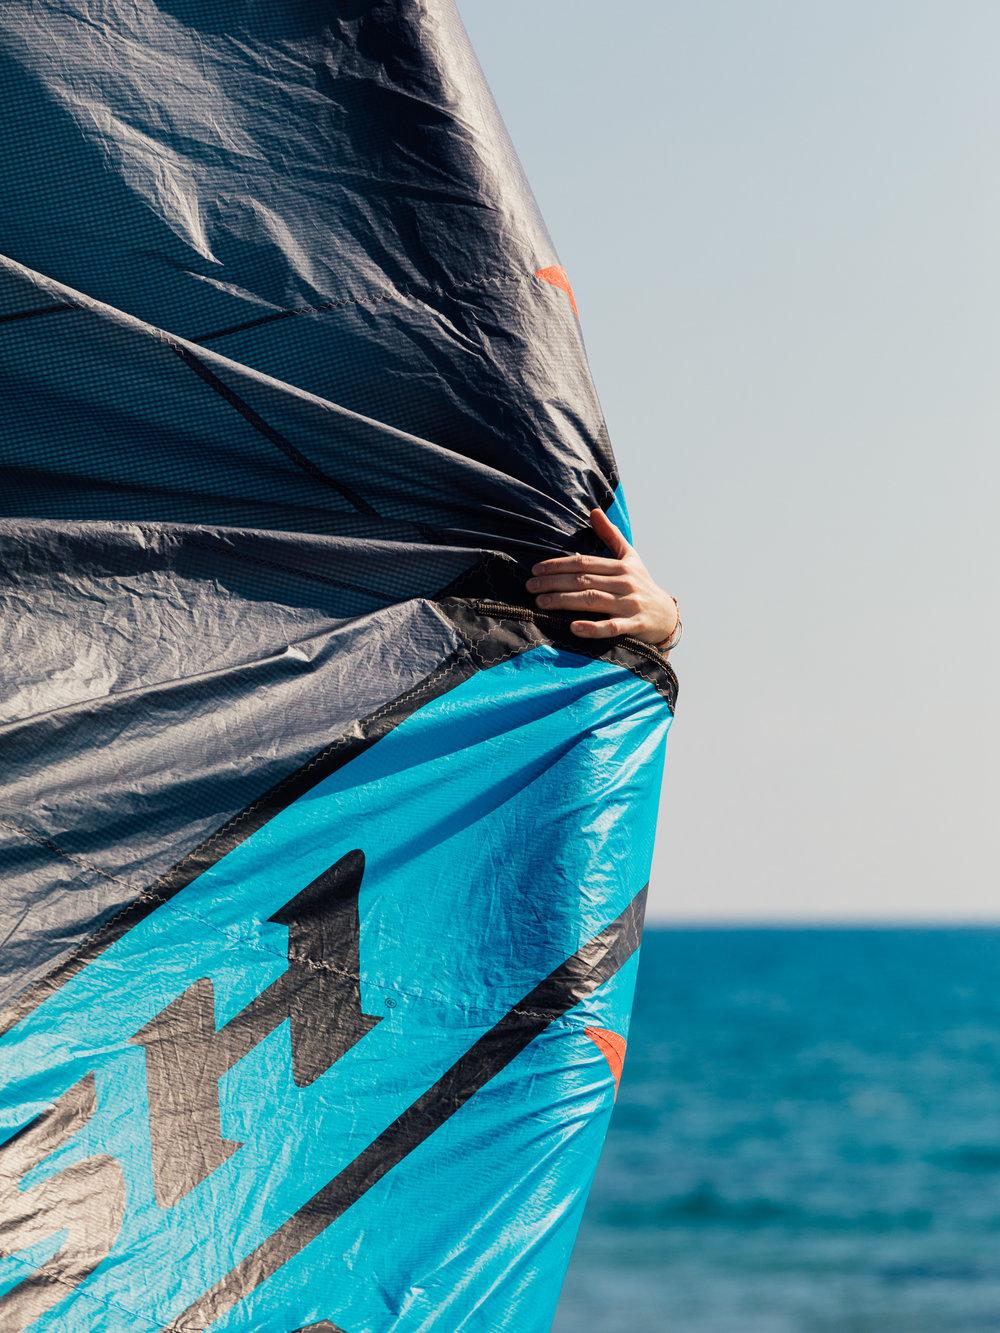 BenReadPhotography_TUI-Flyjournal-Kiteboarding-9.jpg